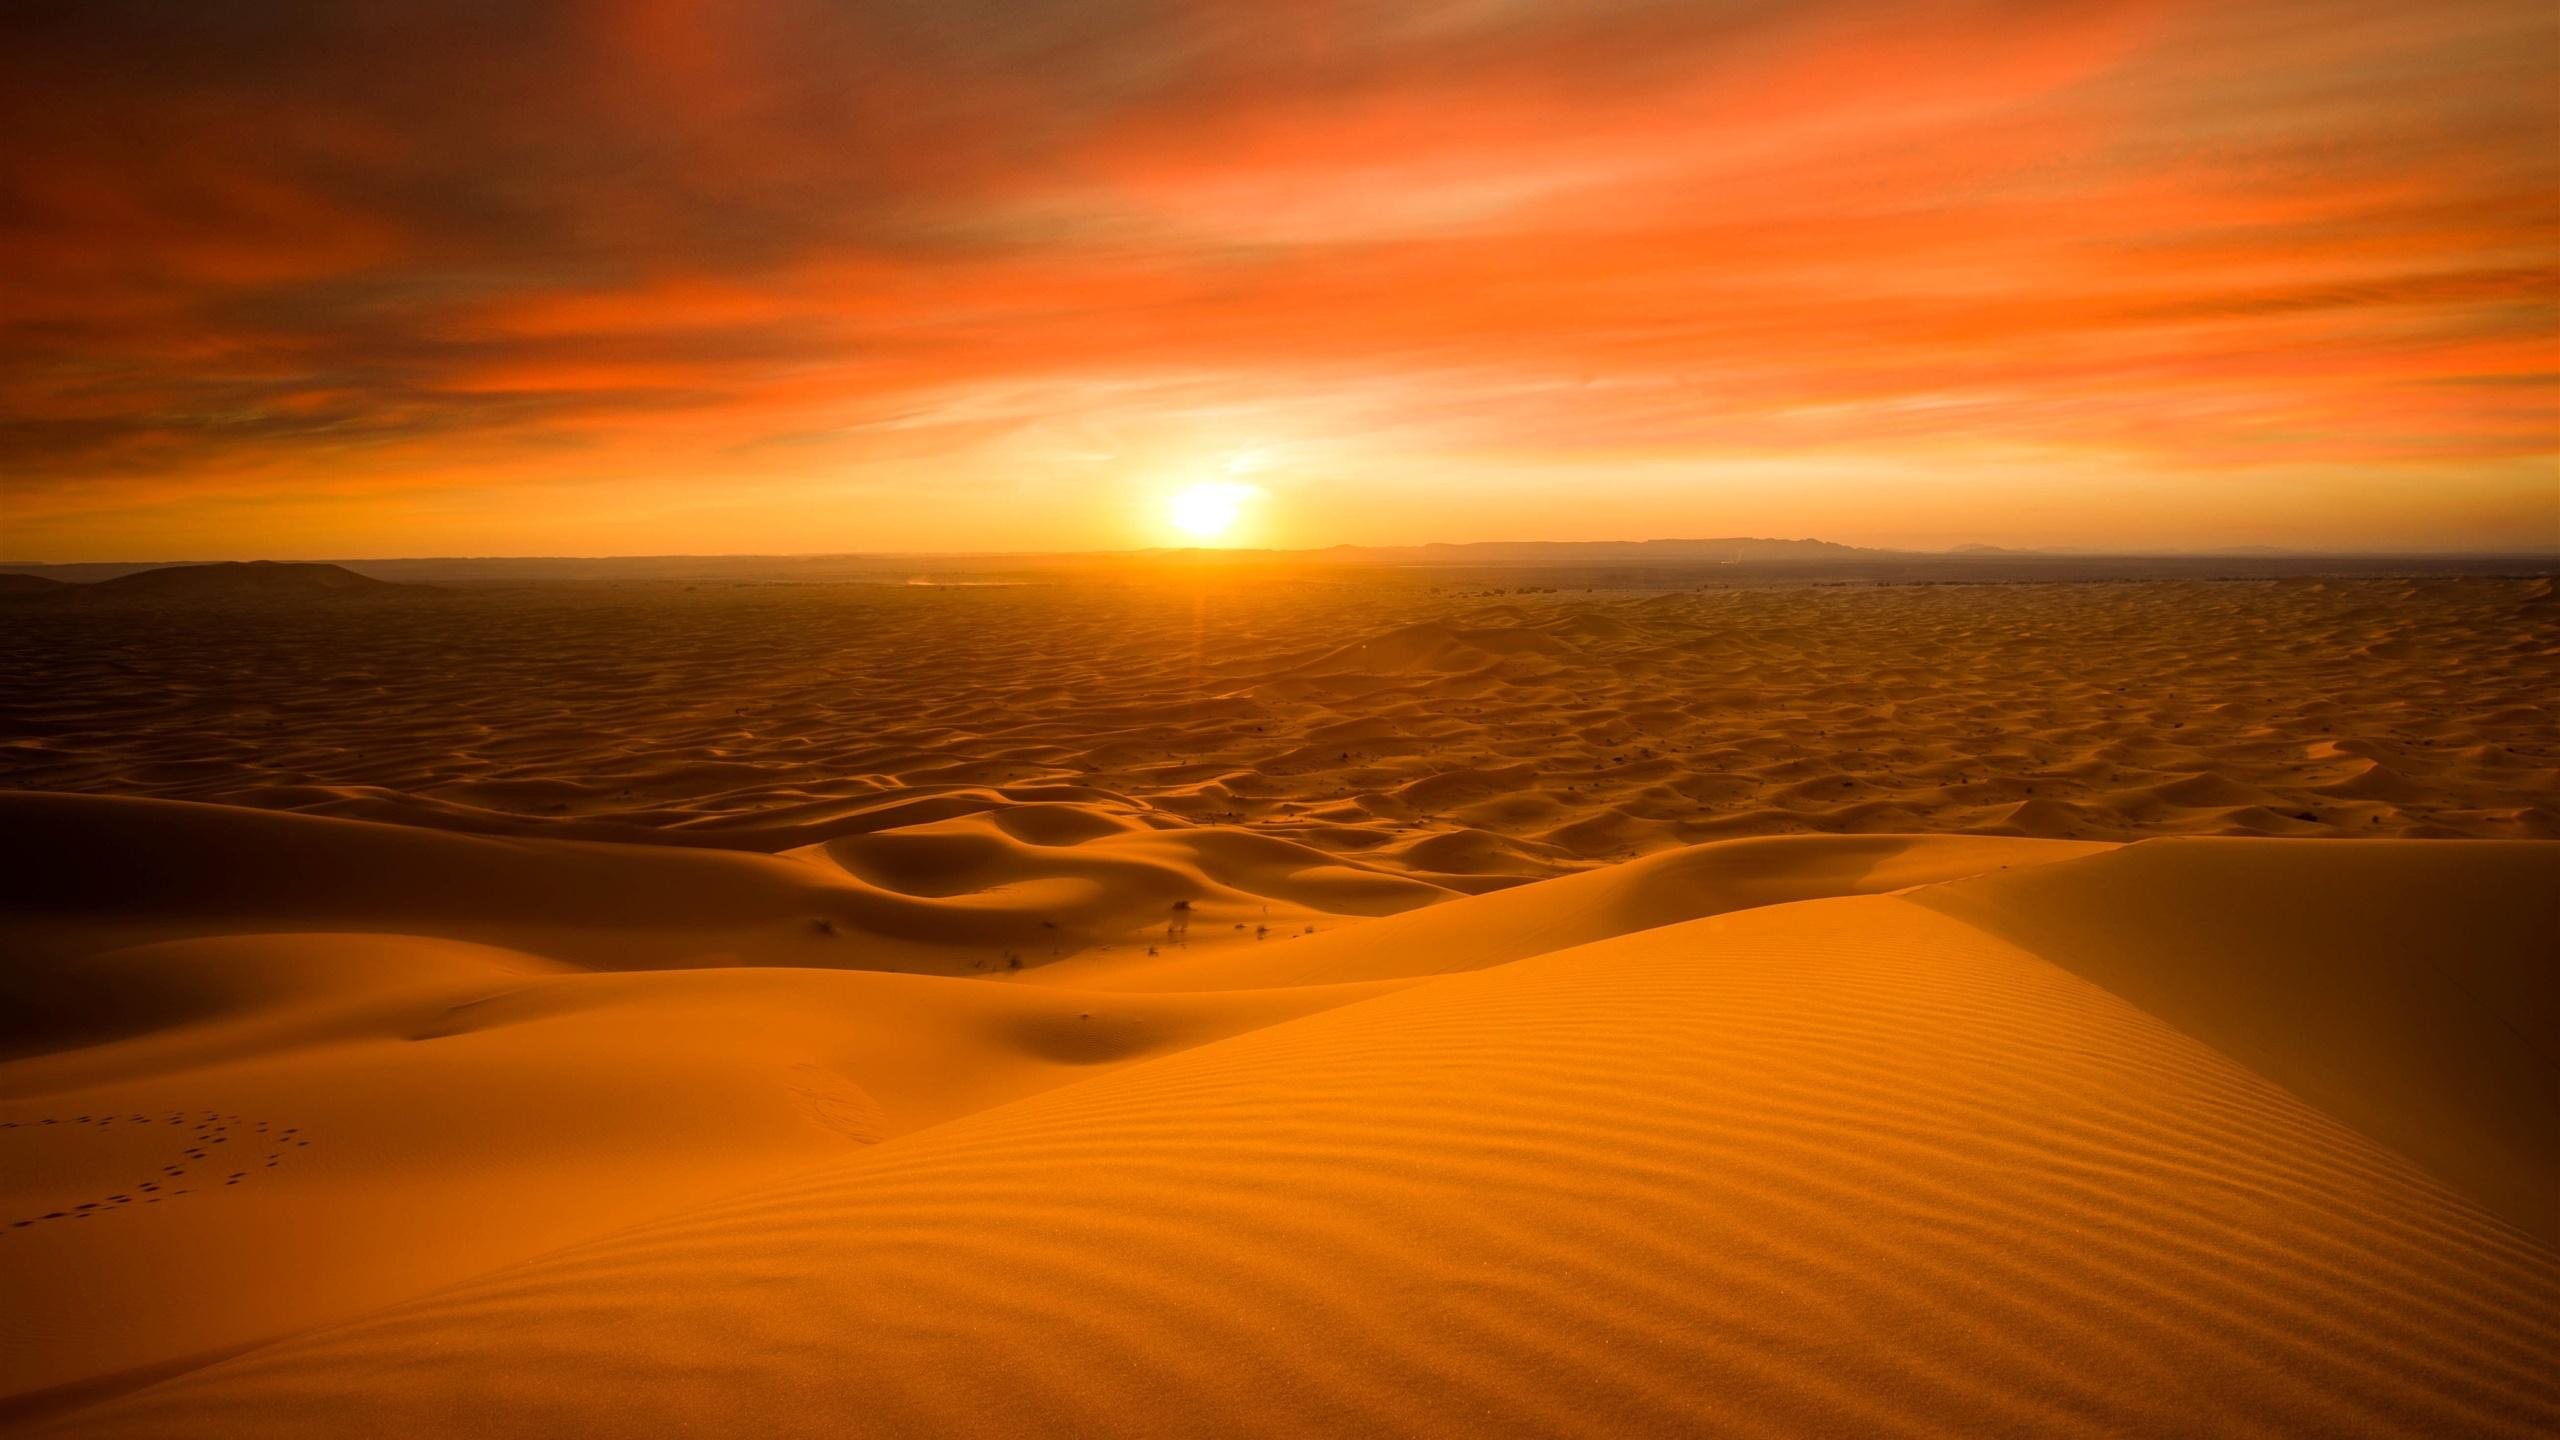 Desert Fond Ecran Hd